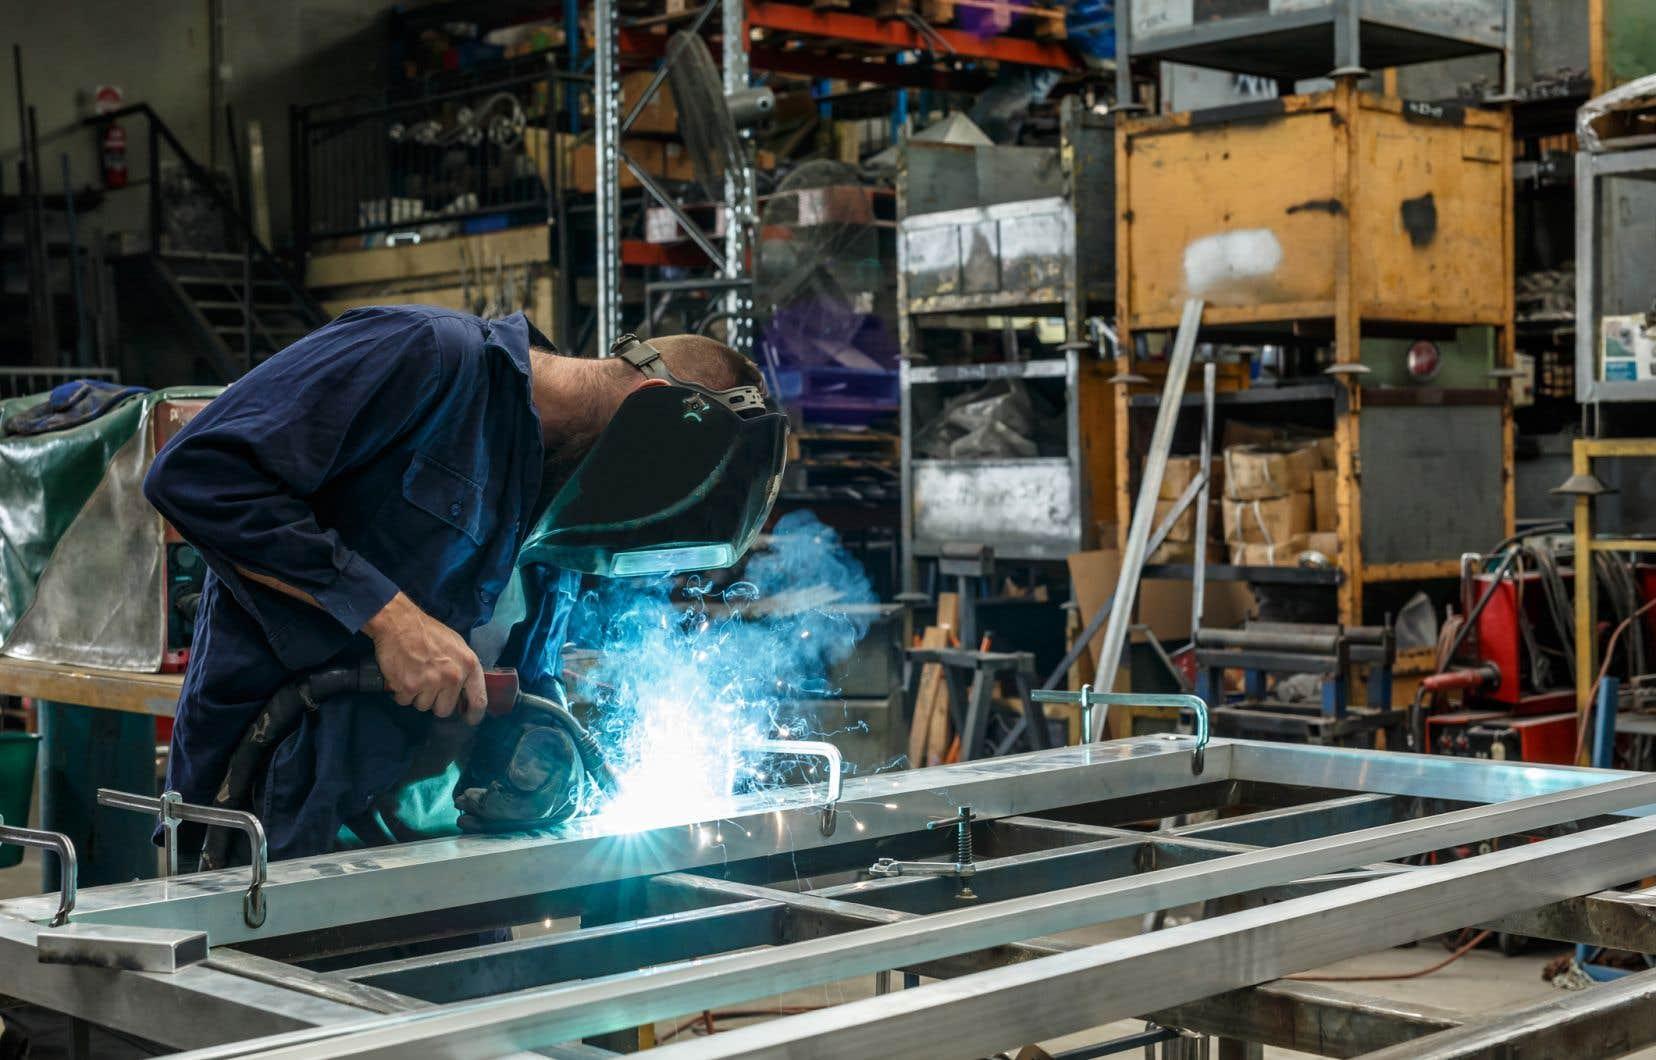 Le président américain Donald Trump a annoncé son intention d'imposer des tarifs douaniers de 25% sur les importations d'acier et de 10 % sur les importations d'aluminium.